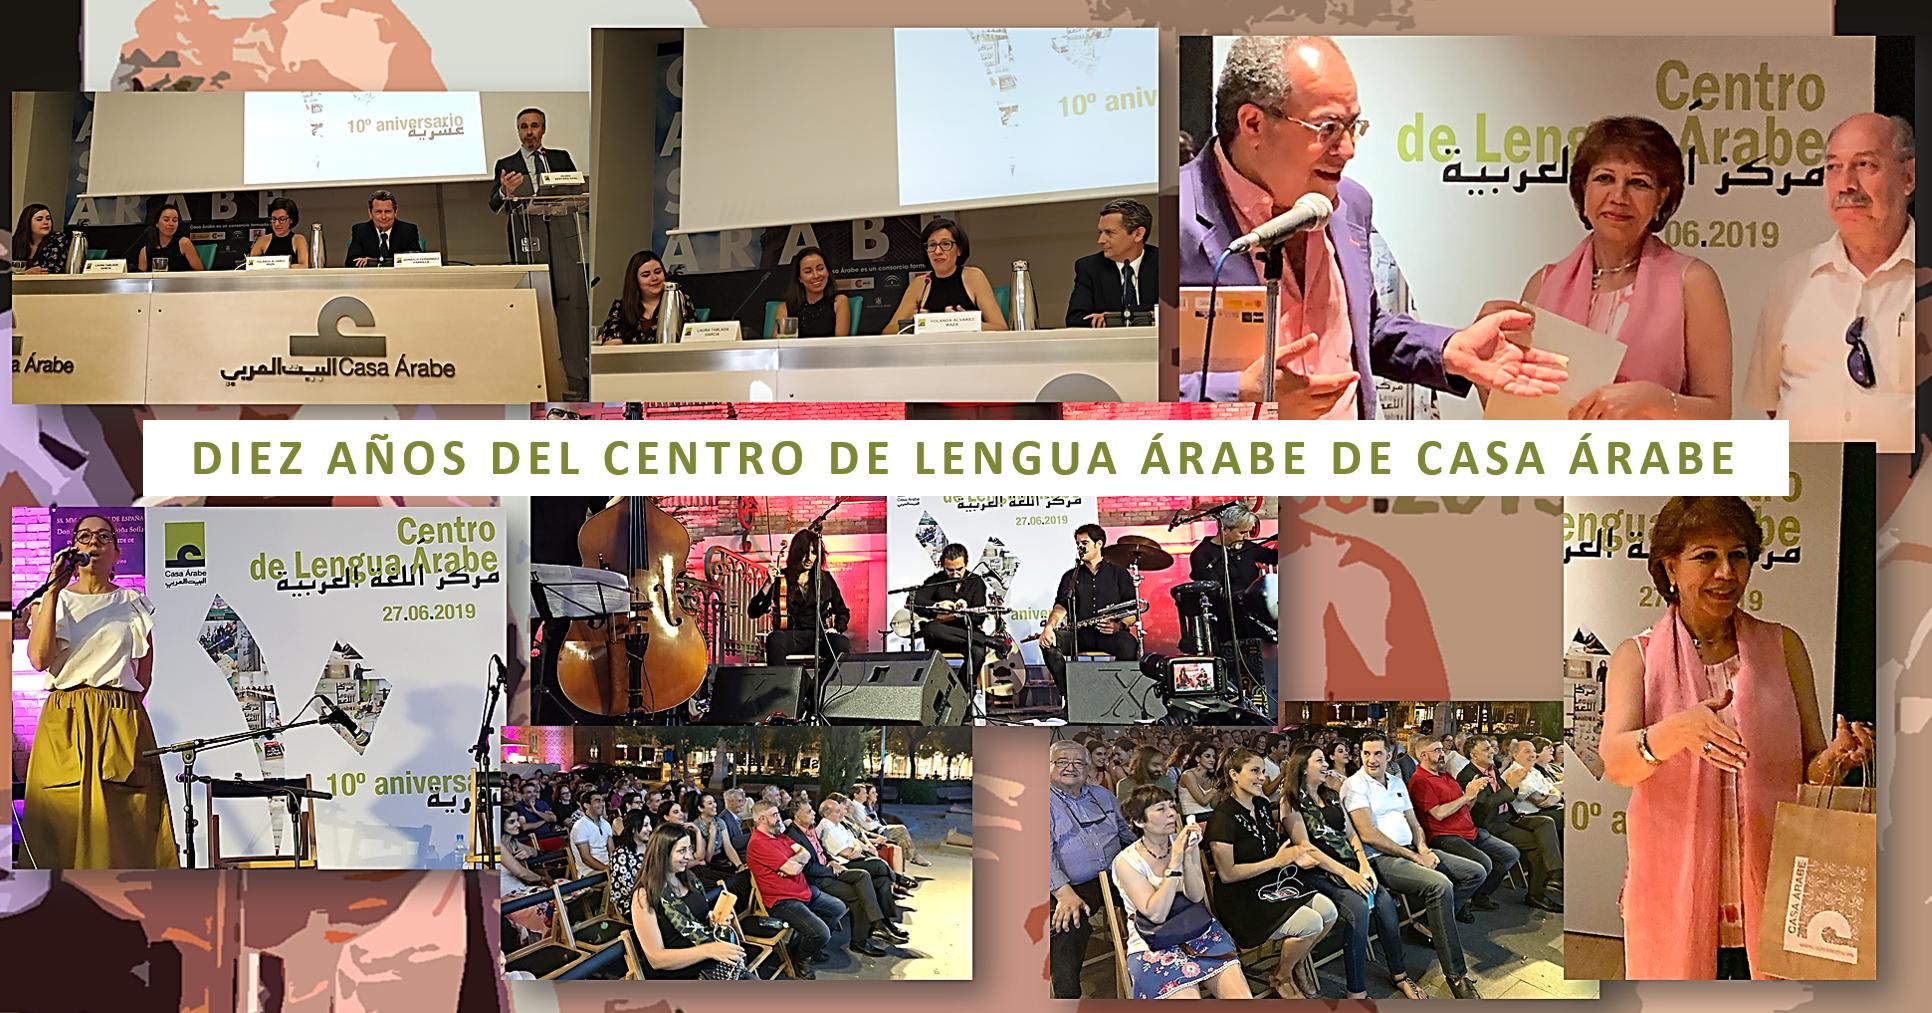 Casa Árabe celebra los diez años de su Centro de Lengua Árabe